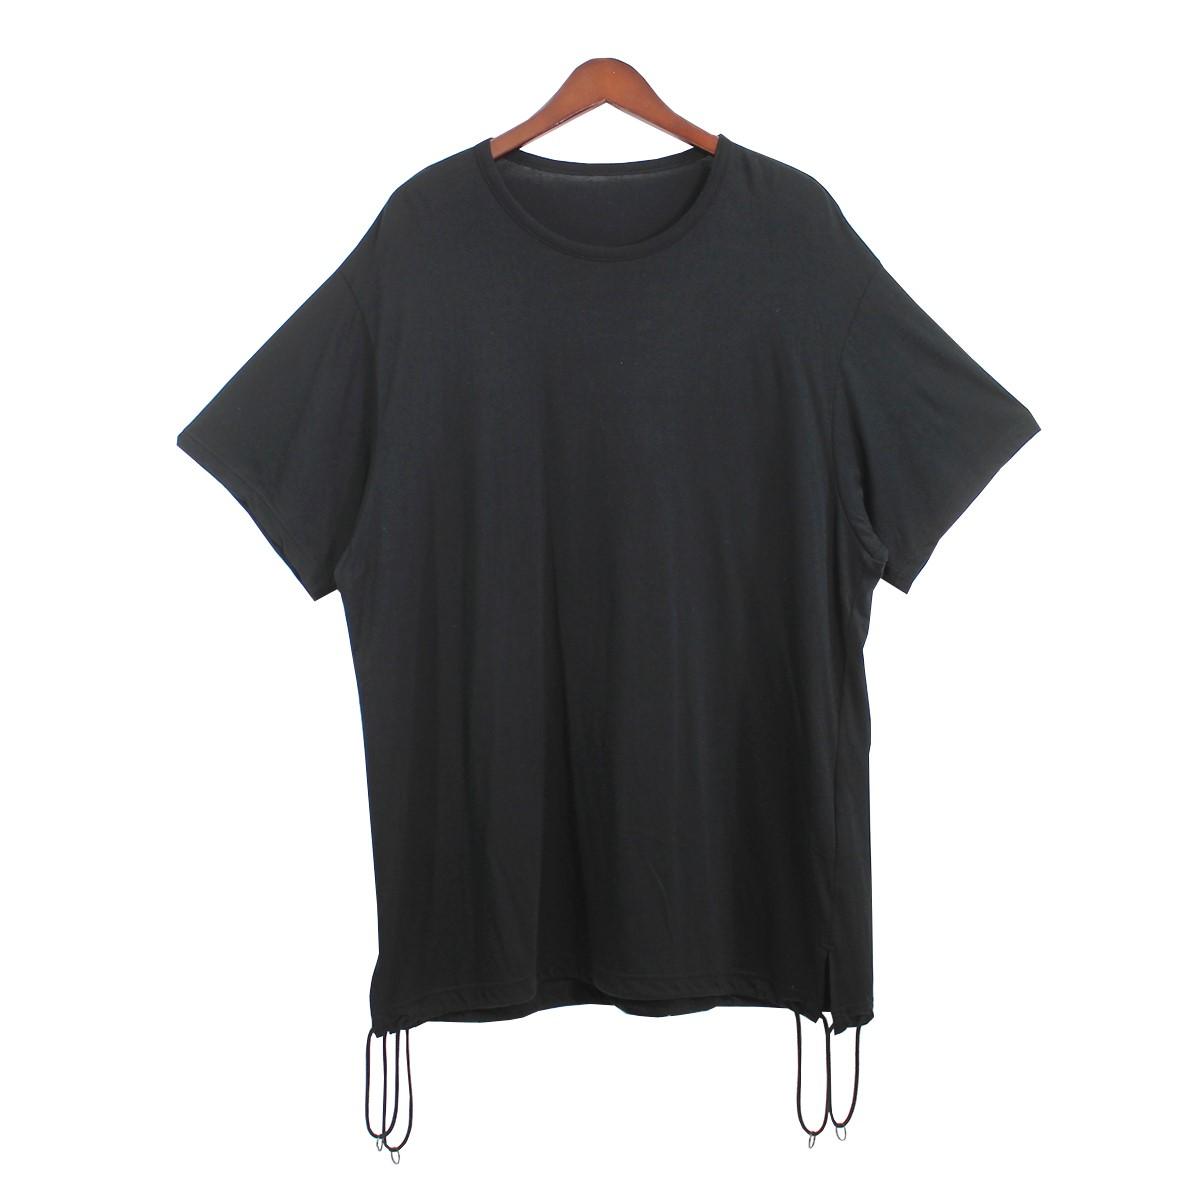 【中古】Ground Y (Yohji Yamamoto) 20SS Aタイドビッグカットソー Tシャツ ブラック サイズ:3 【200920】(グラウンドワイ (ヨウジヤマモト))